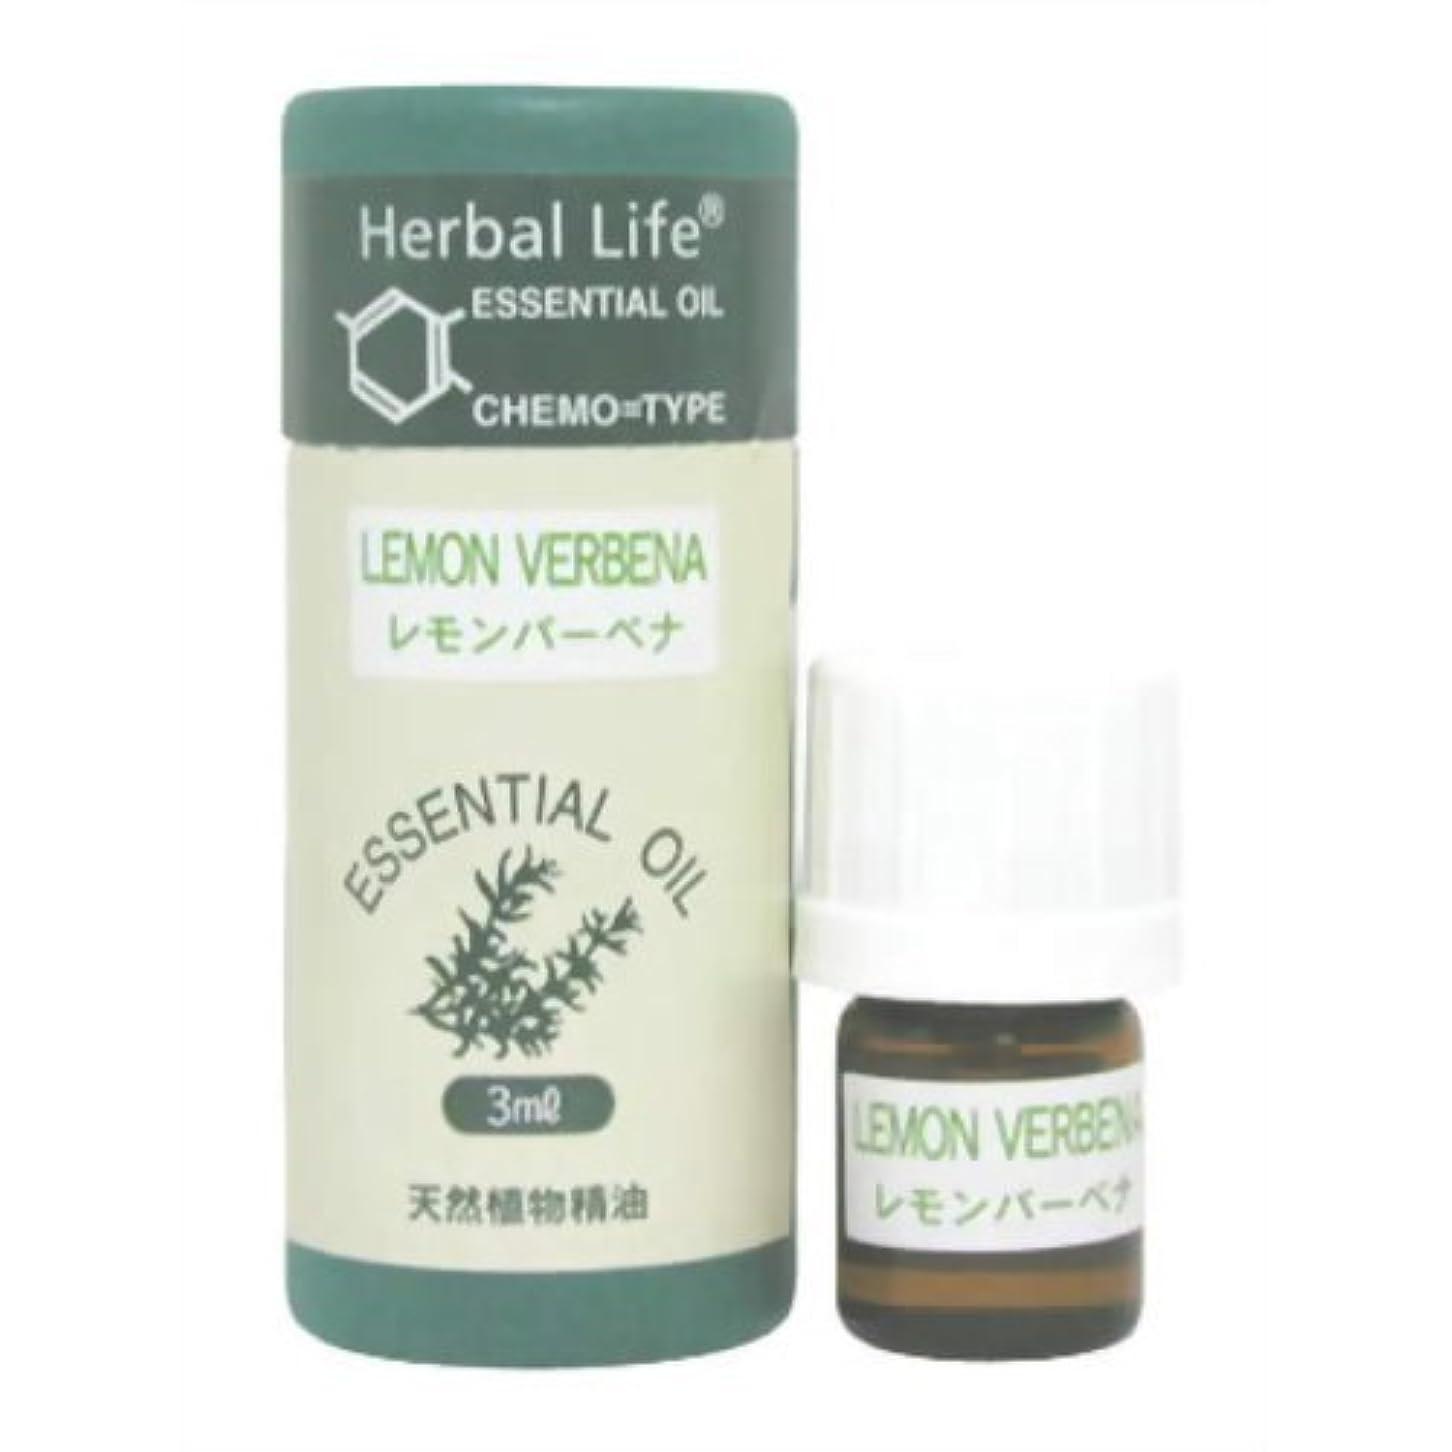 仲介者摂氏度人類Herbal Life レモンバーベナ 1ml